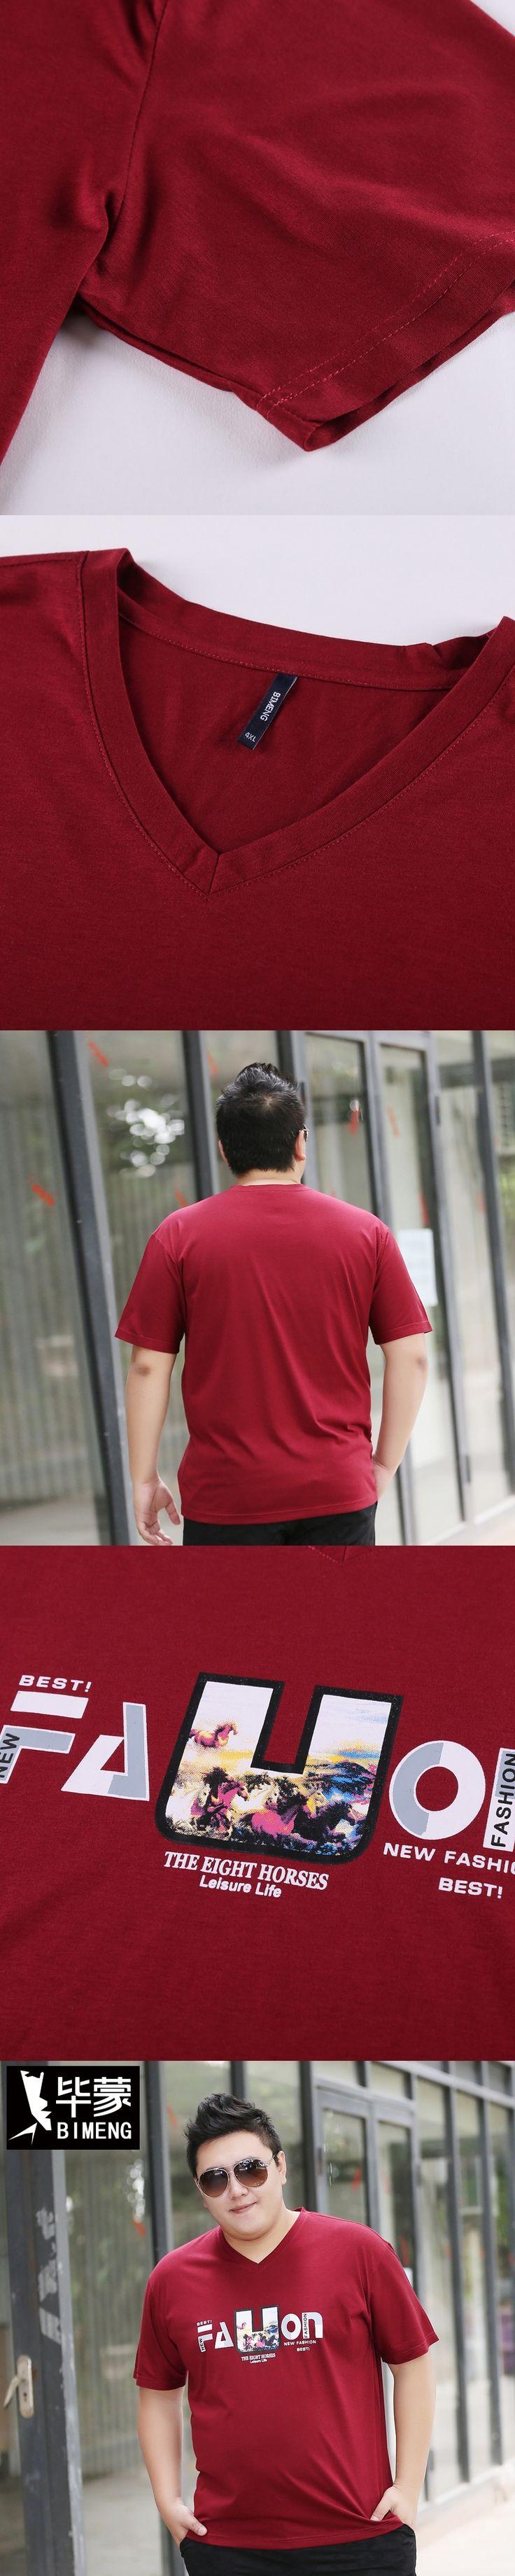 Bi Mengchao brand men's summer code add fertilizer to increase loose fashion English printing T-shirt fat T-shirt TX304